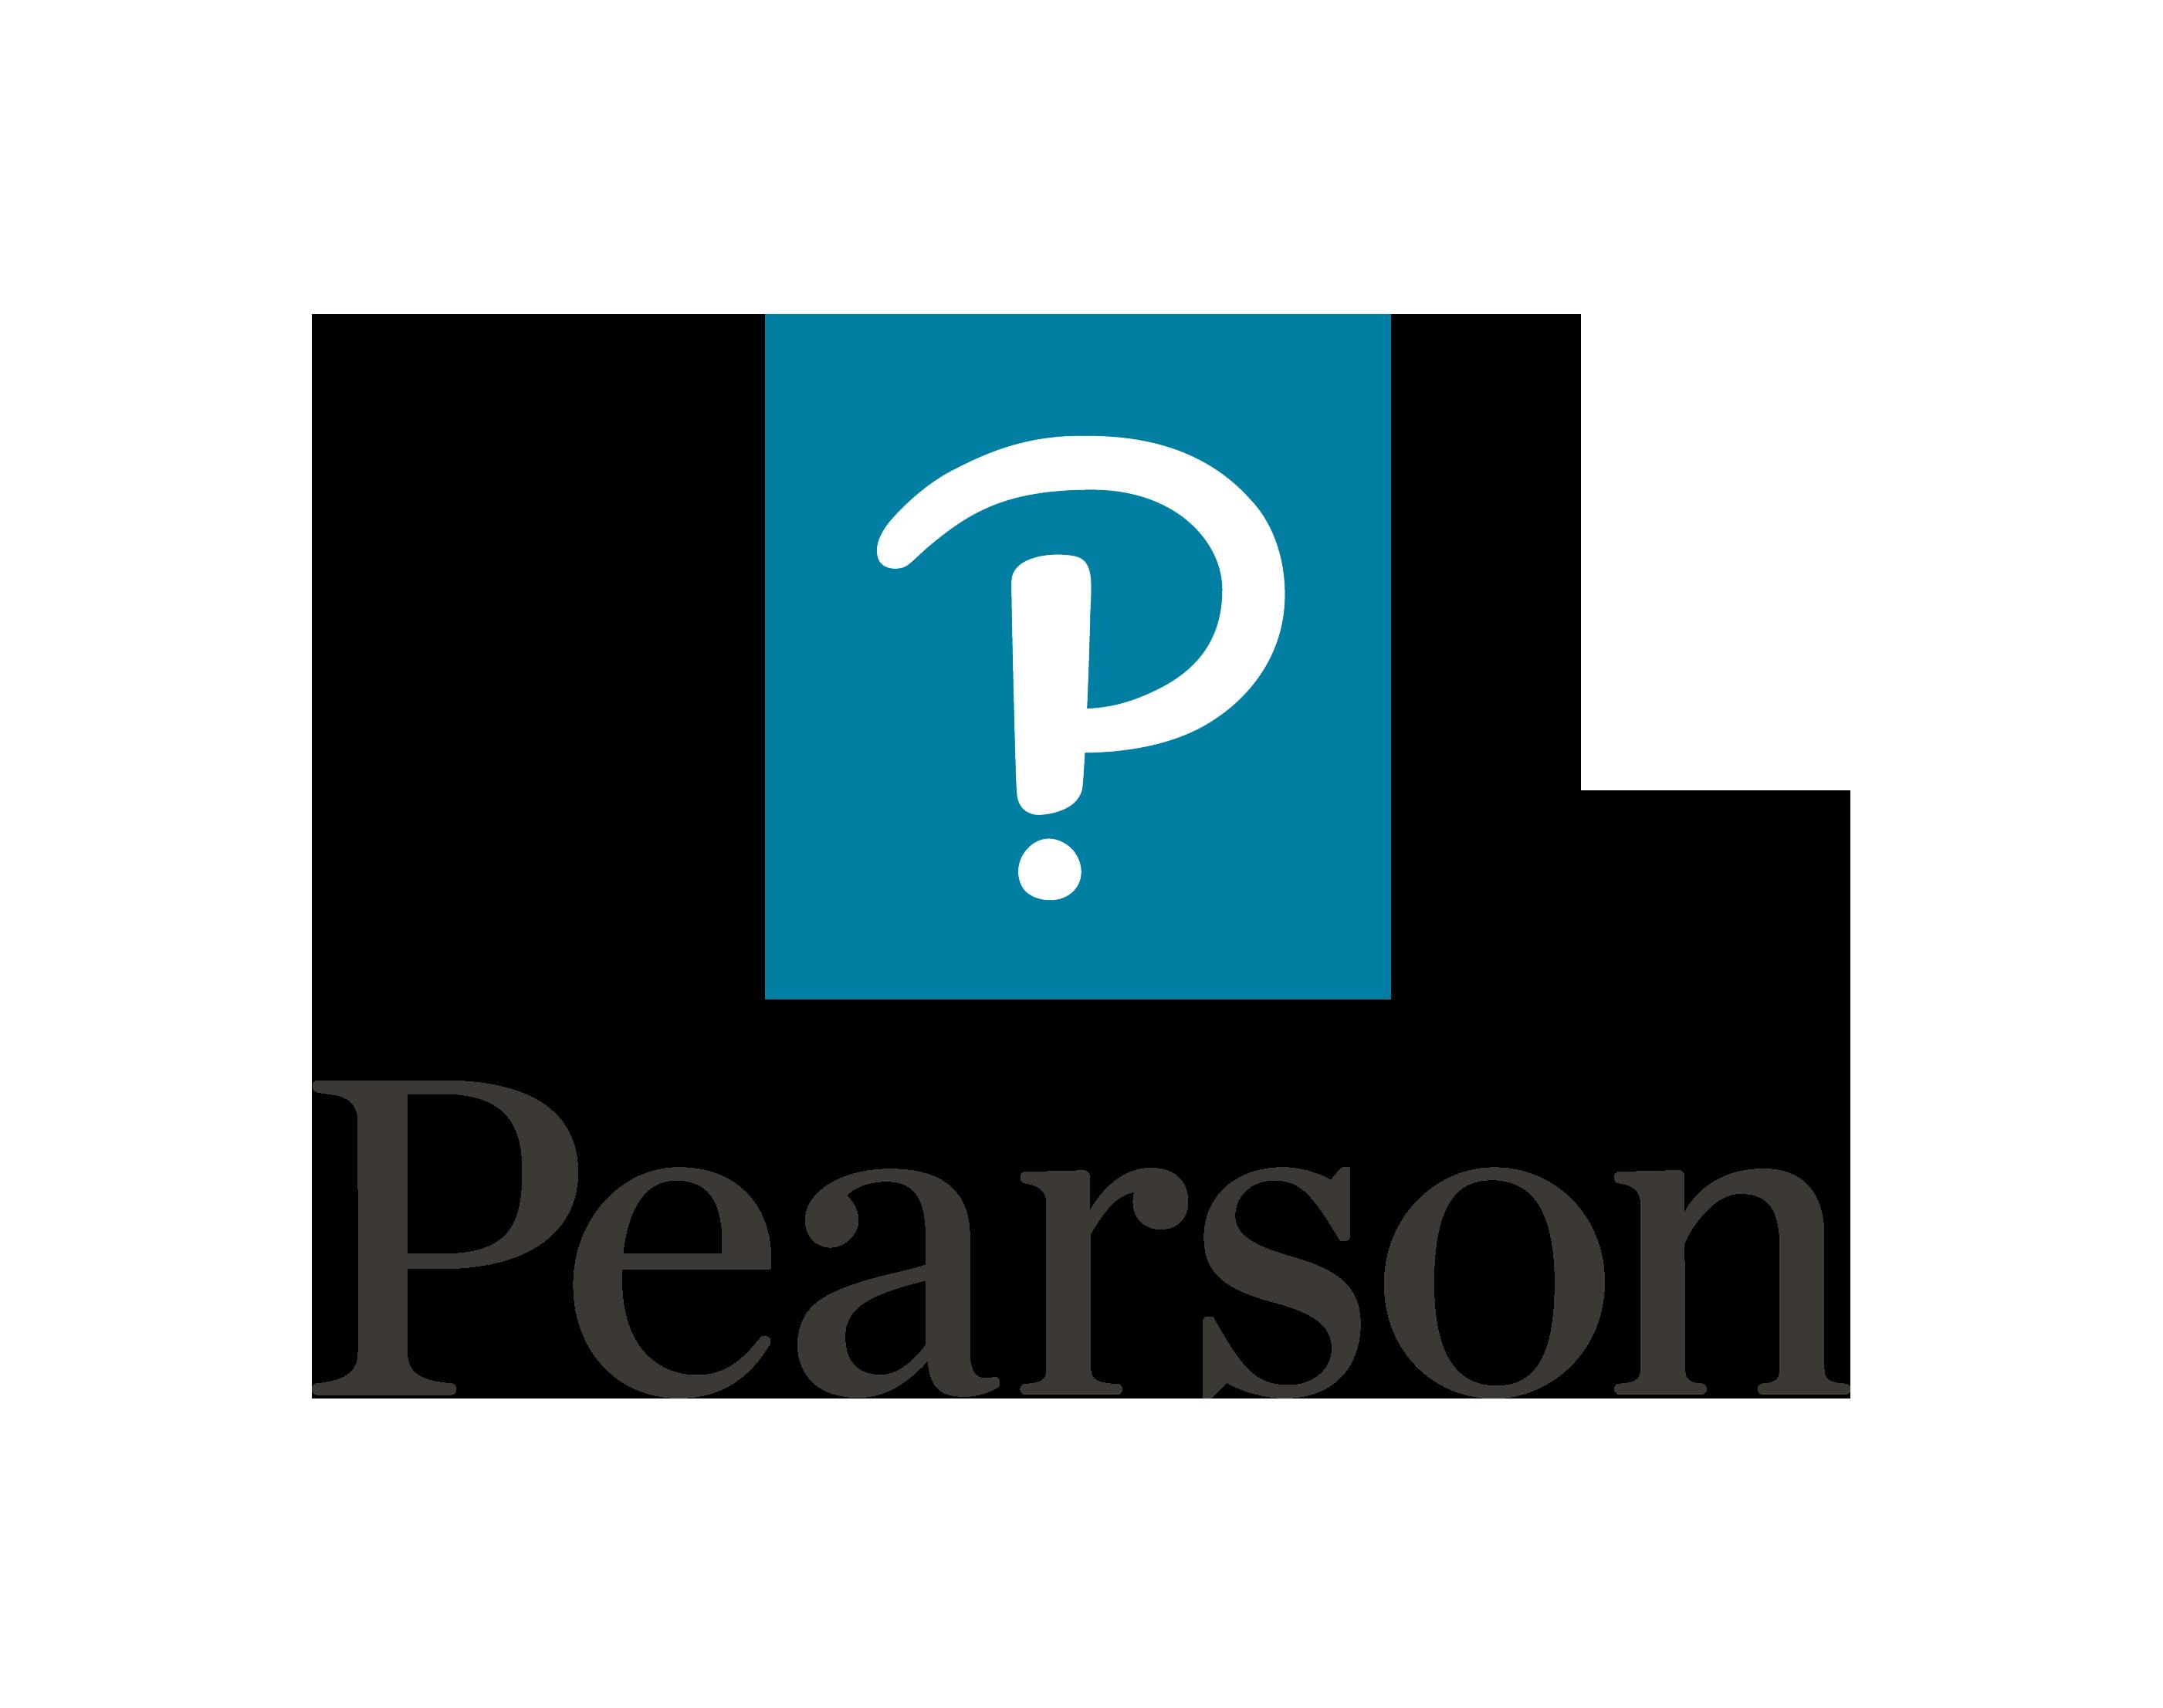 Pearson's logo.